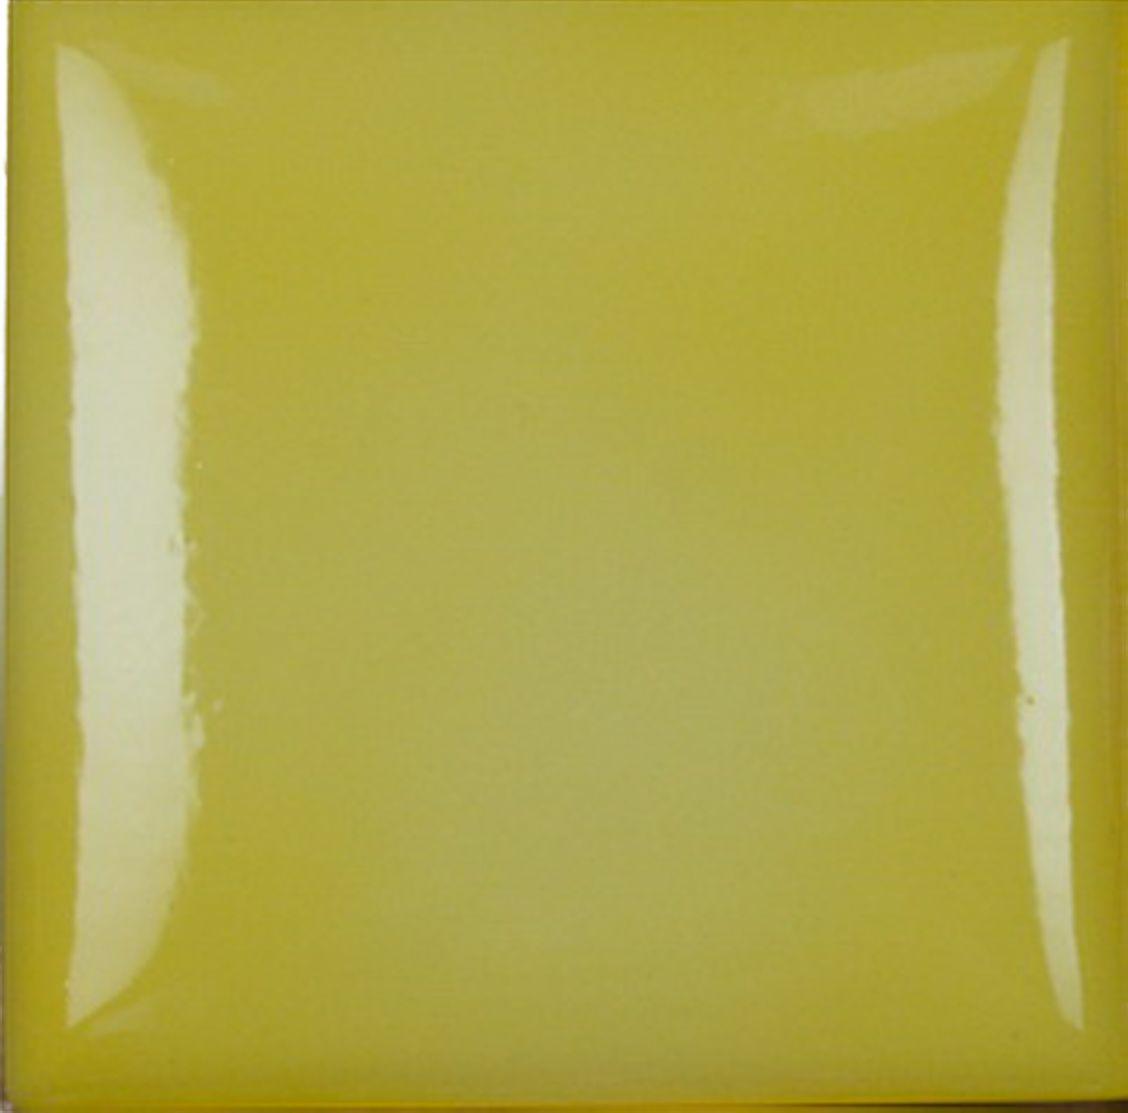 Керамическое панно ZORA Лав, 16,5 х 16,5 см. Авторская работа. ZS-PL-LAV1АРТ 01506011Коллекция керамической плитки Love – это тонкая ирония над воплощением страстной любви в современном искусстве. Вызывающе-яркие, контрастные цвета: черный, белый, синий, желтый, красный – ненавязчиво намекают на экстравагантный характер владельца интерьера. Love – коллекция, которую выбирают дизайнеры для создания как публичного, так и частного интерьера. Товар может быть использован как панно, подставка под горячее, плитка для украшения уличных мангалов и беседки.Керамика, ручное напыление, высокотемпературный обжиг, глазури.